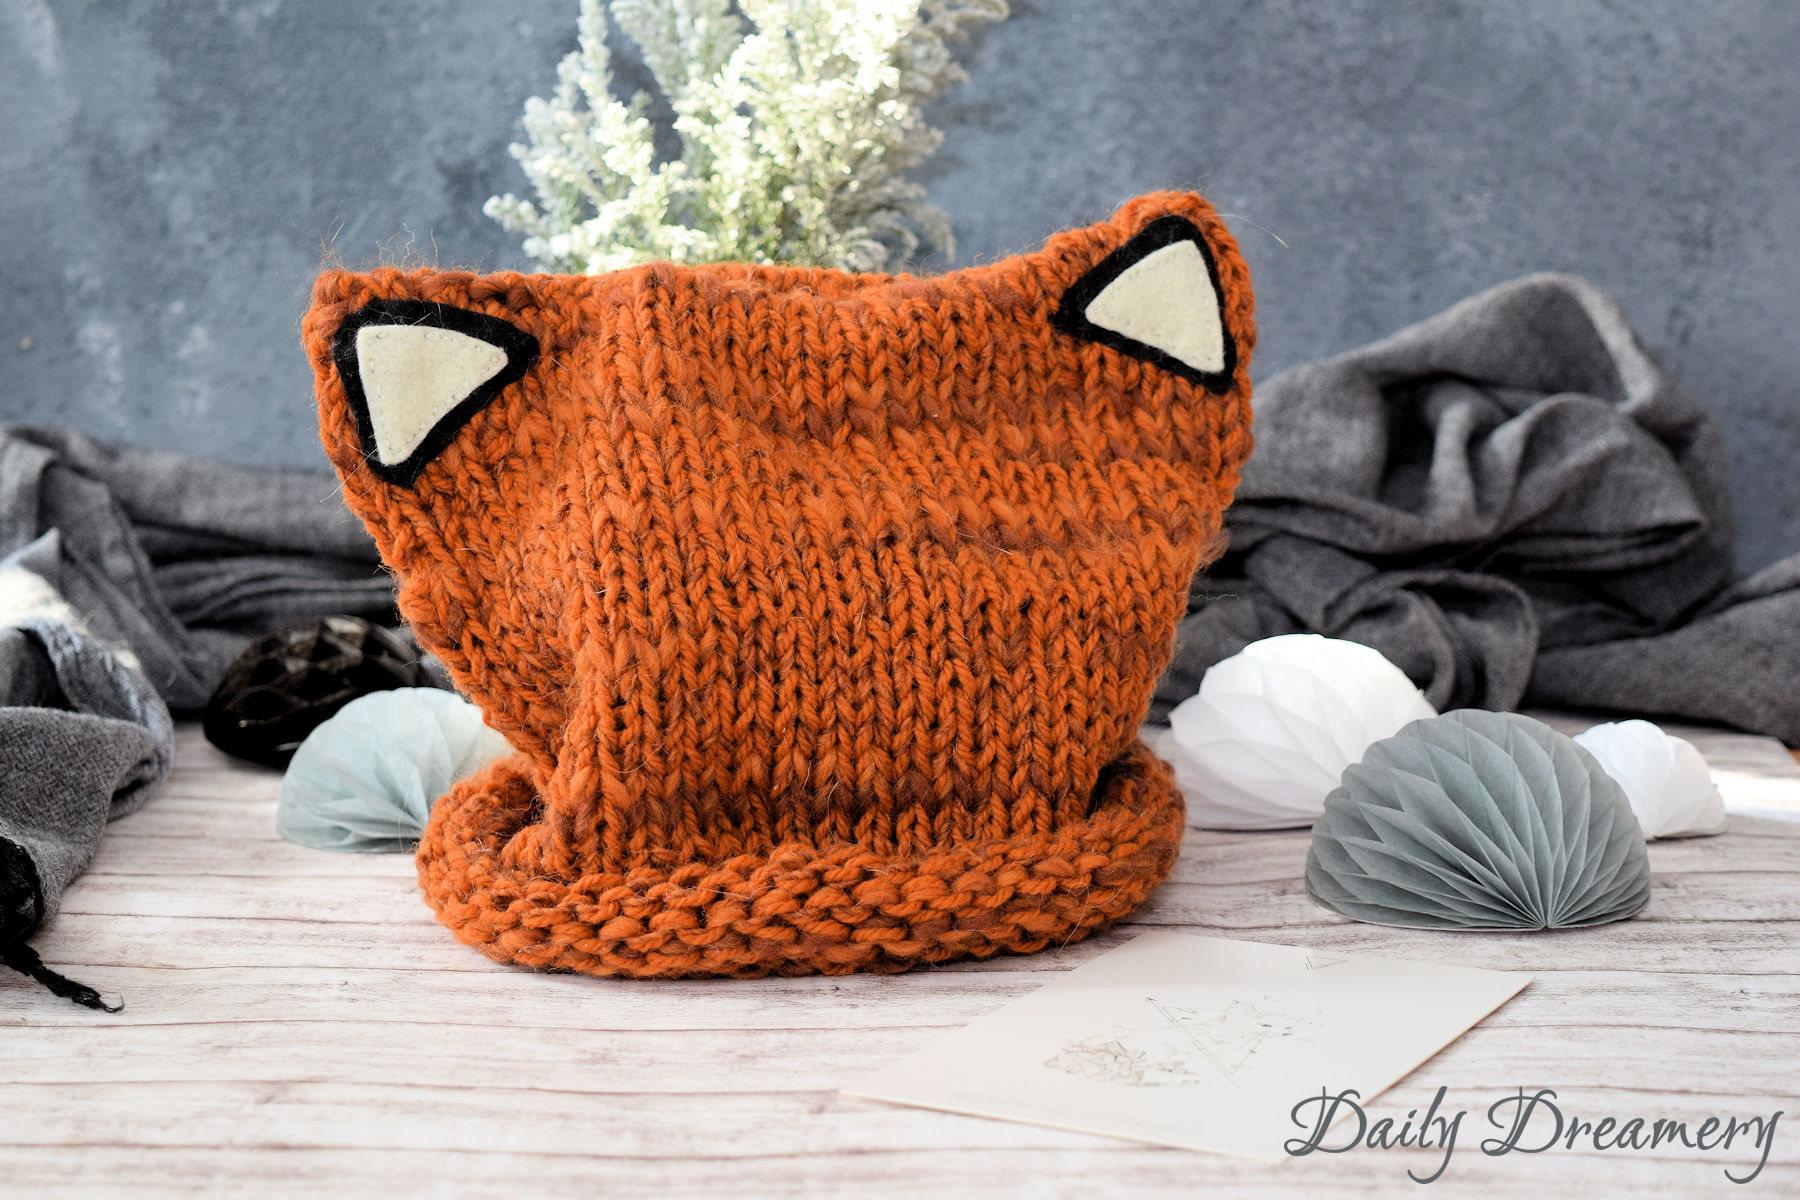 oberniedliche Fuchsmütze ganz easy selber stricken - für Anfänger geeignet #stricken #mütze #kawaii